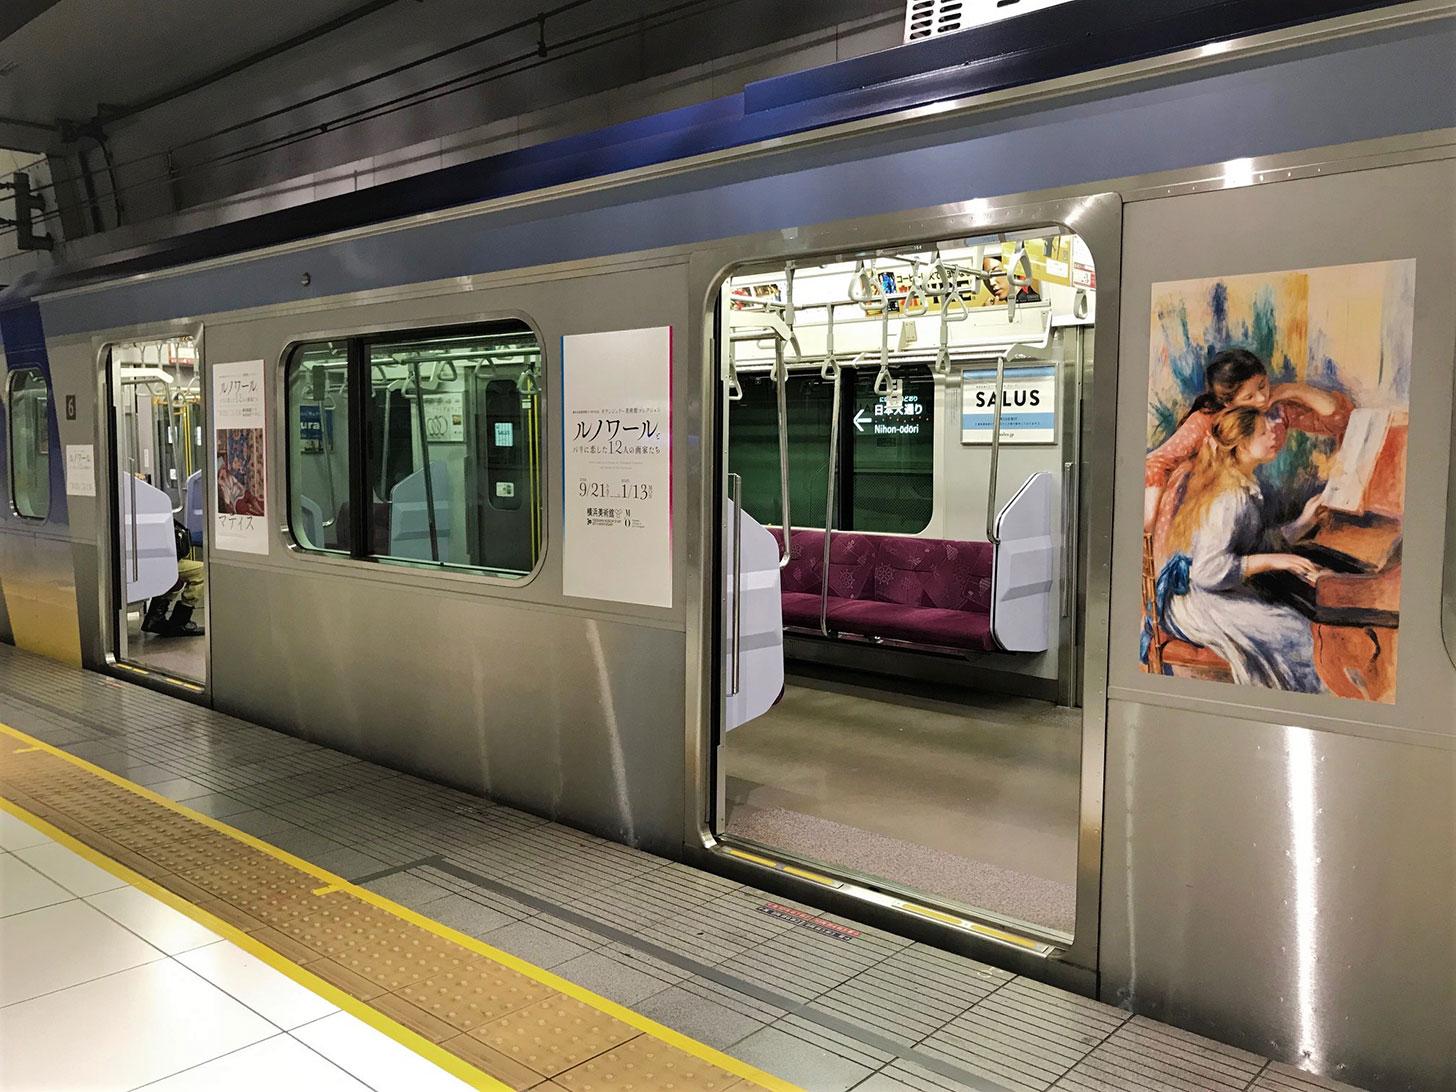 みなとみらい線、横浜美術館とタイアップしたラッピングトレイン運行!